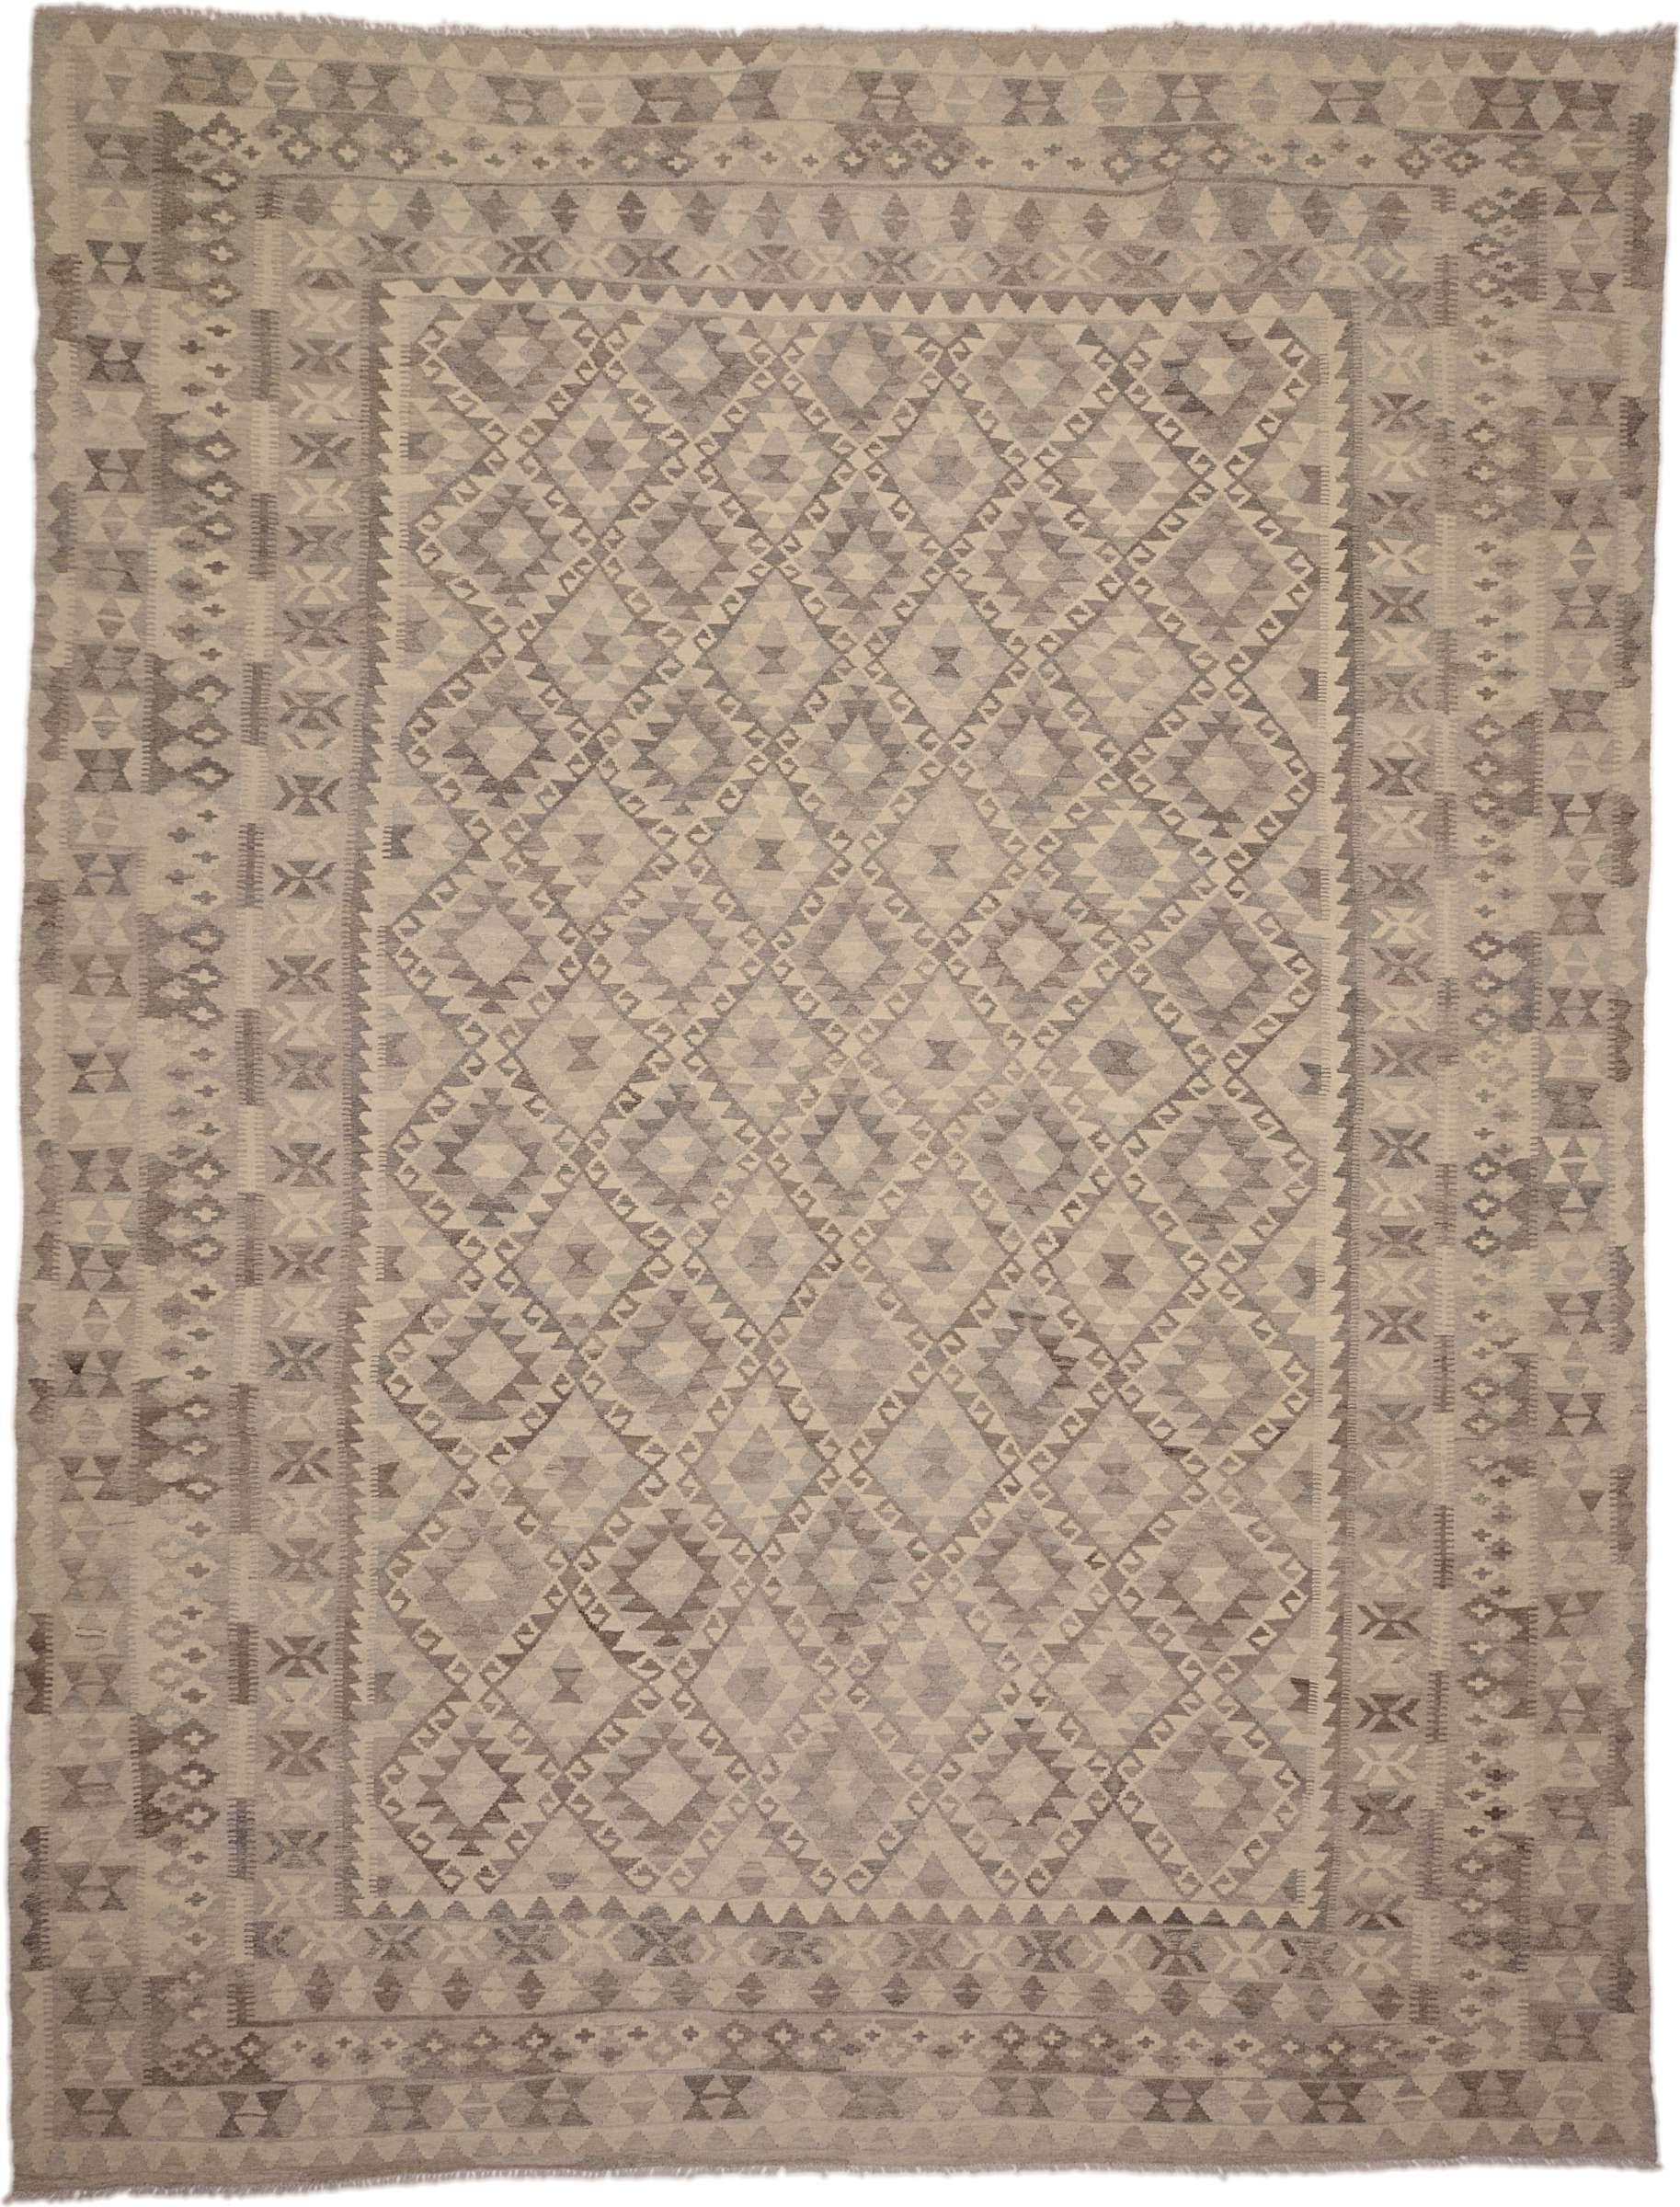 Full Size of Schlafzimmer Teppich Badezimmer Steinteppich Bad Wohnzimmer Esstisch Teppiche Für Küche Wohnzimmer Teppich 300x400